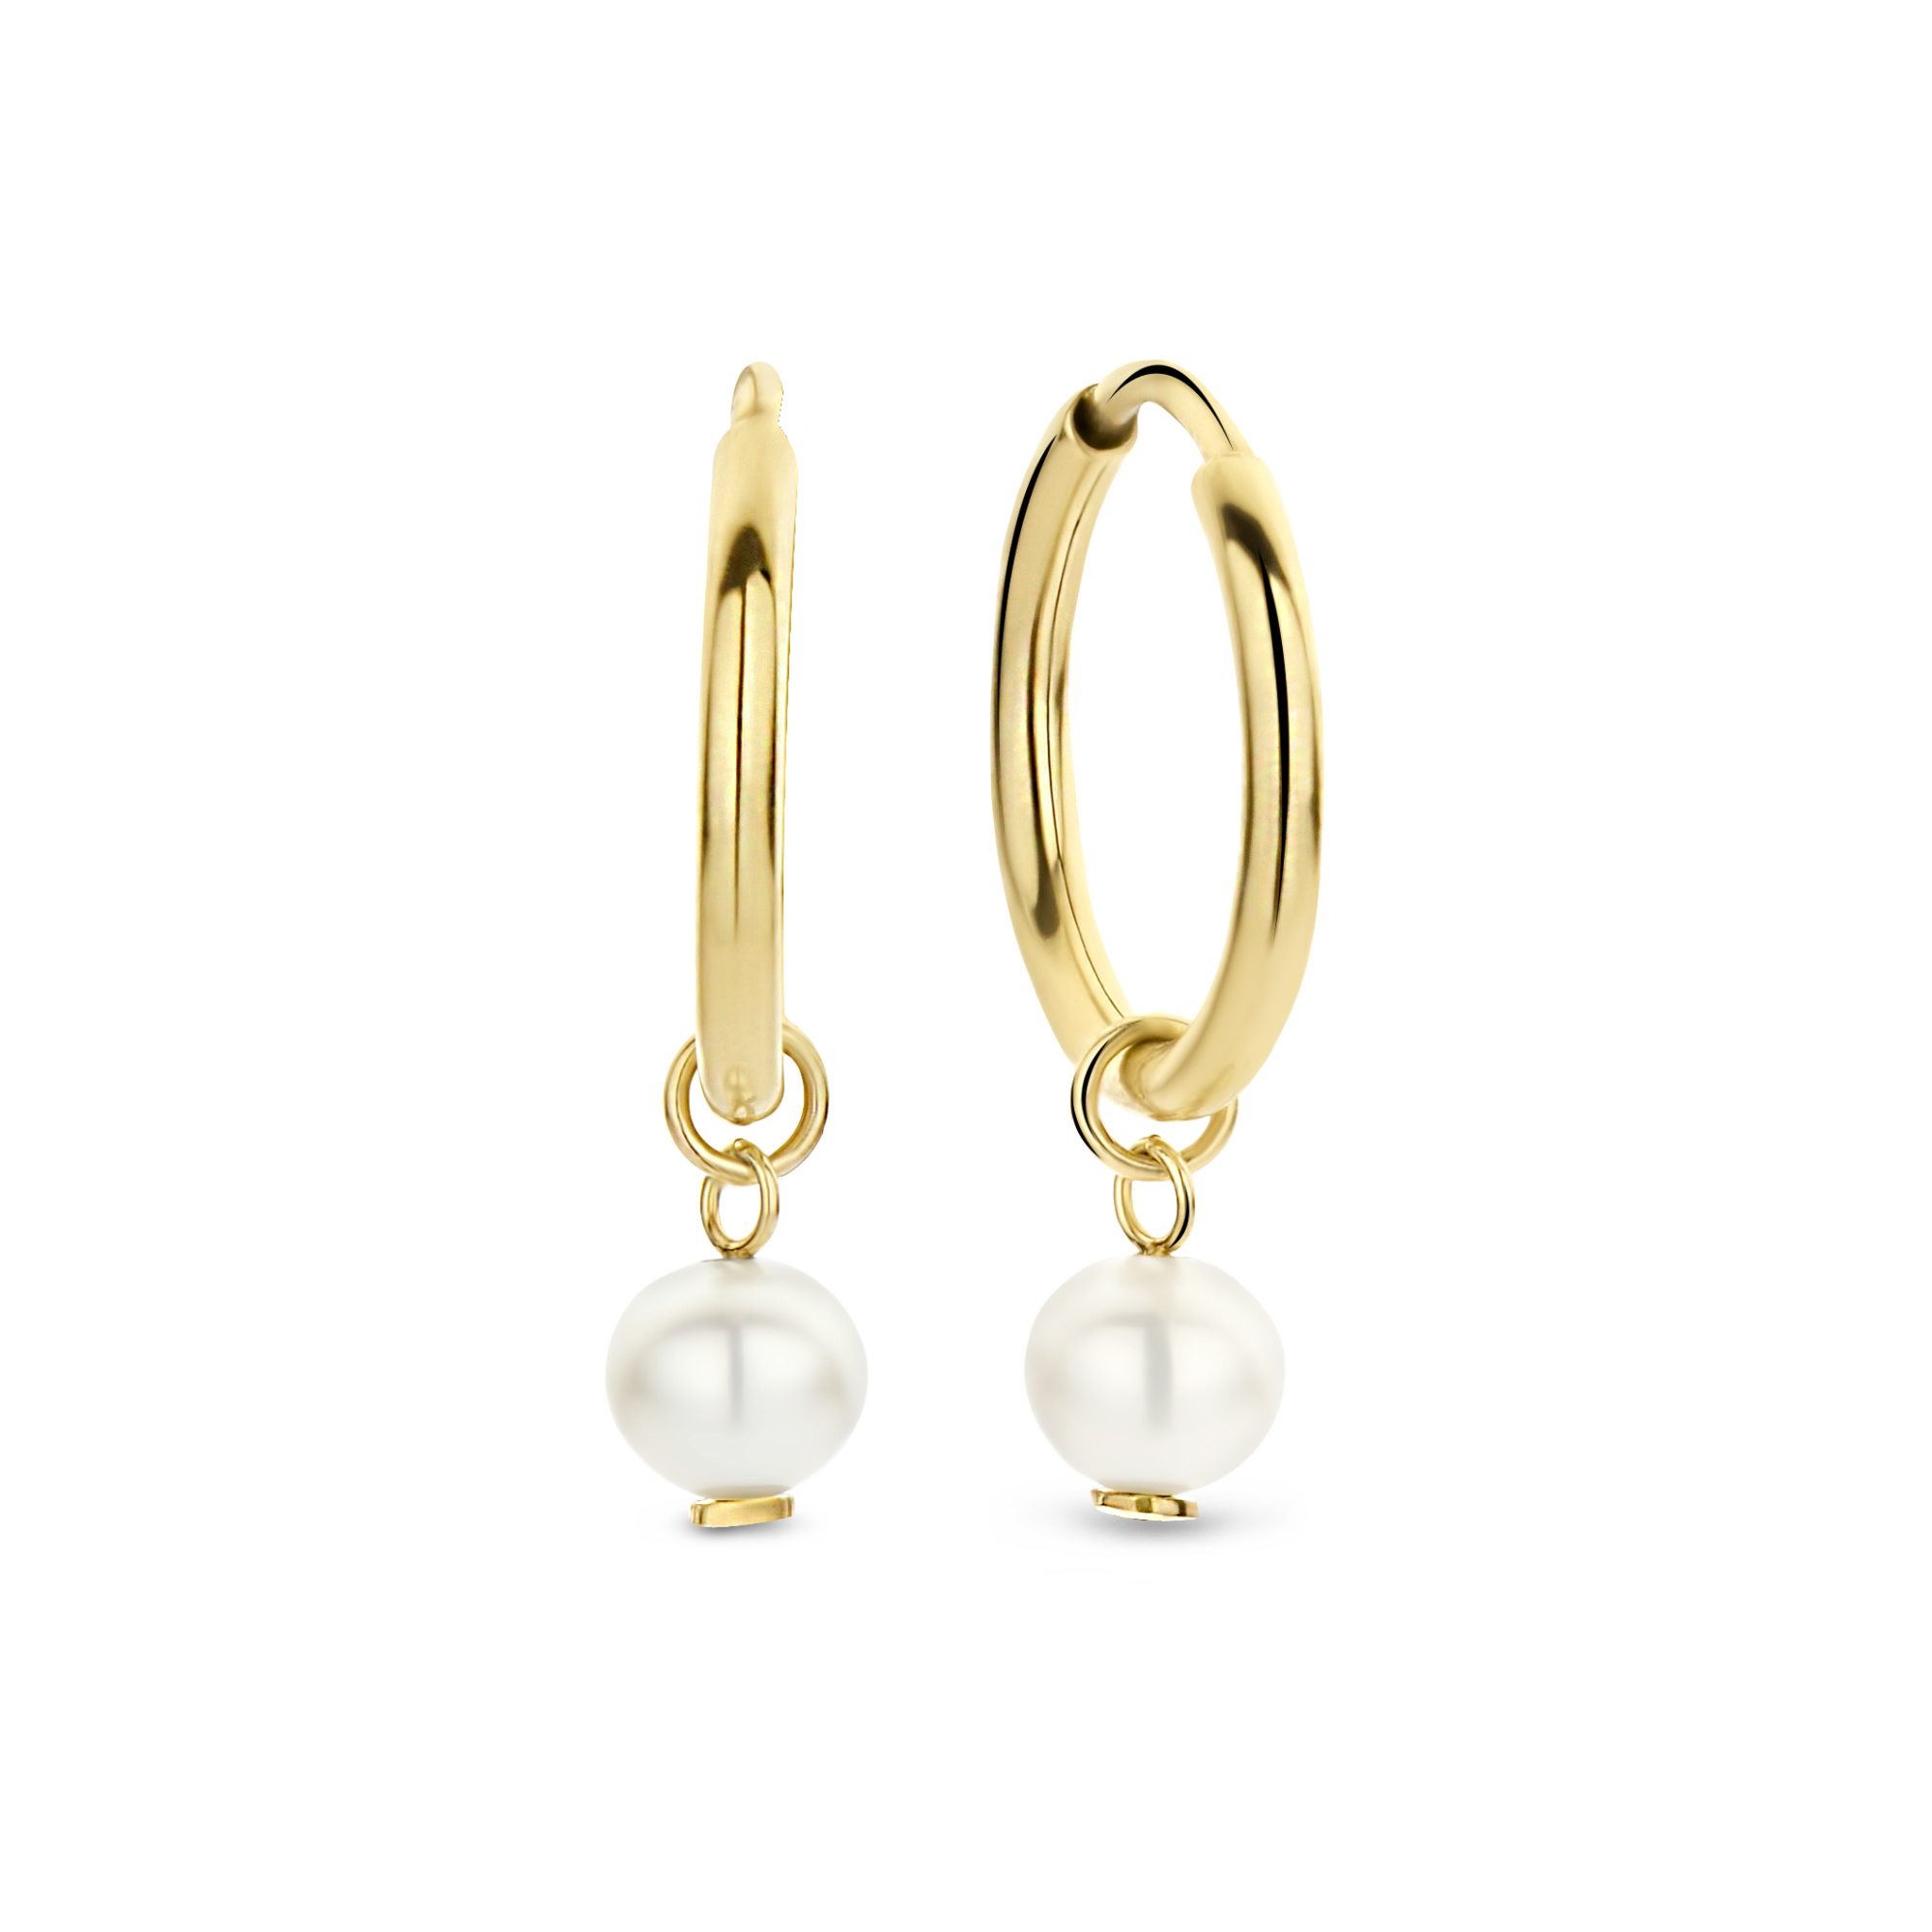 Isabel Bernard Belleville Luna créoles en or 14 carats avec perle d'eau douce